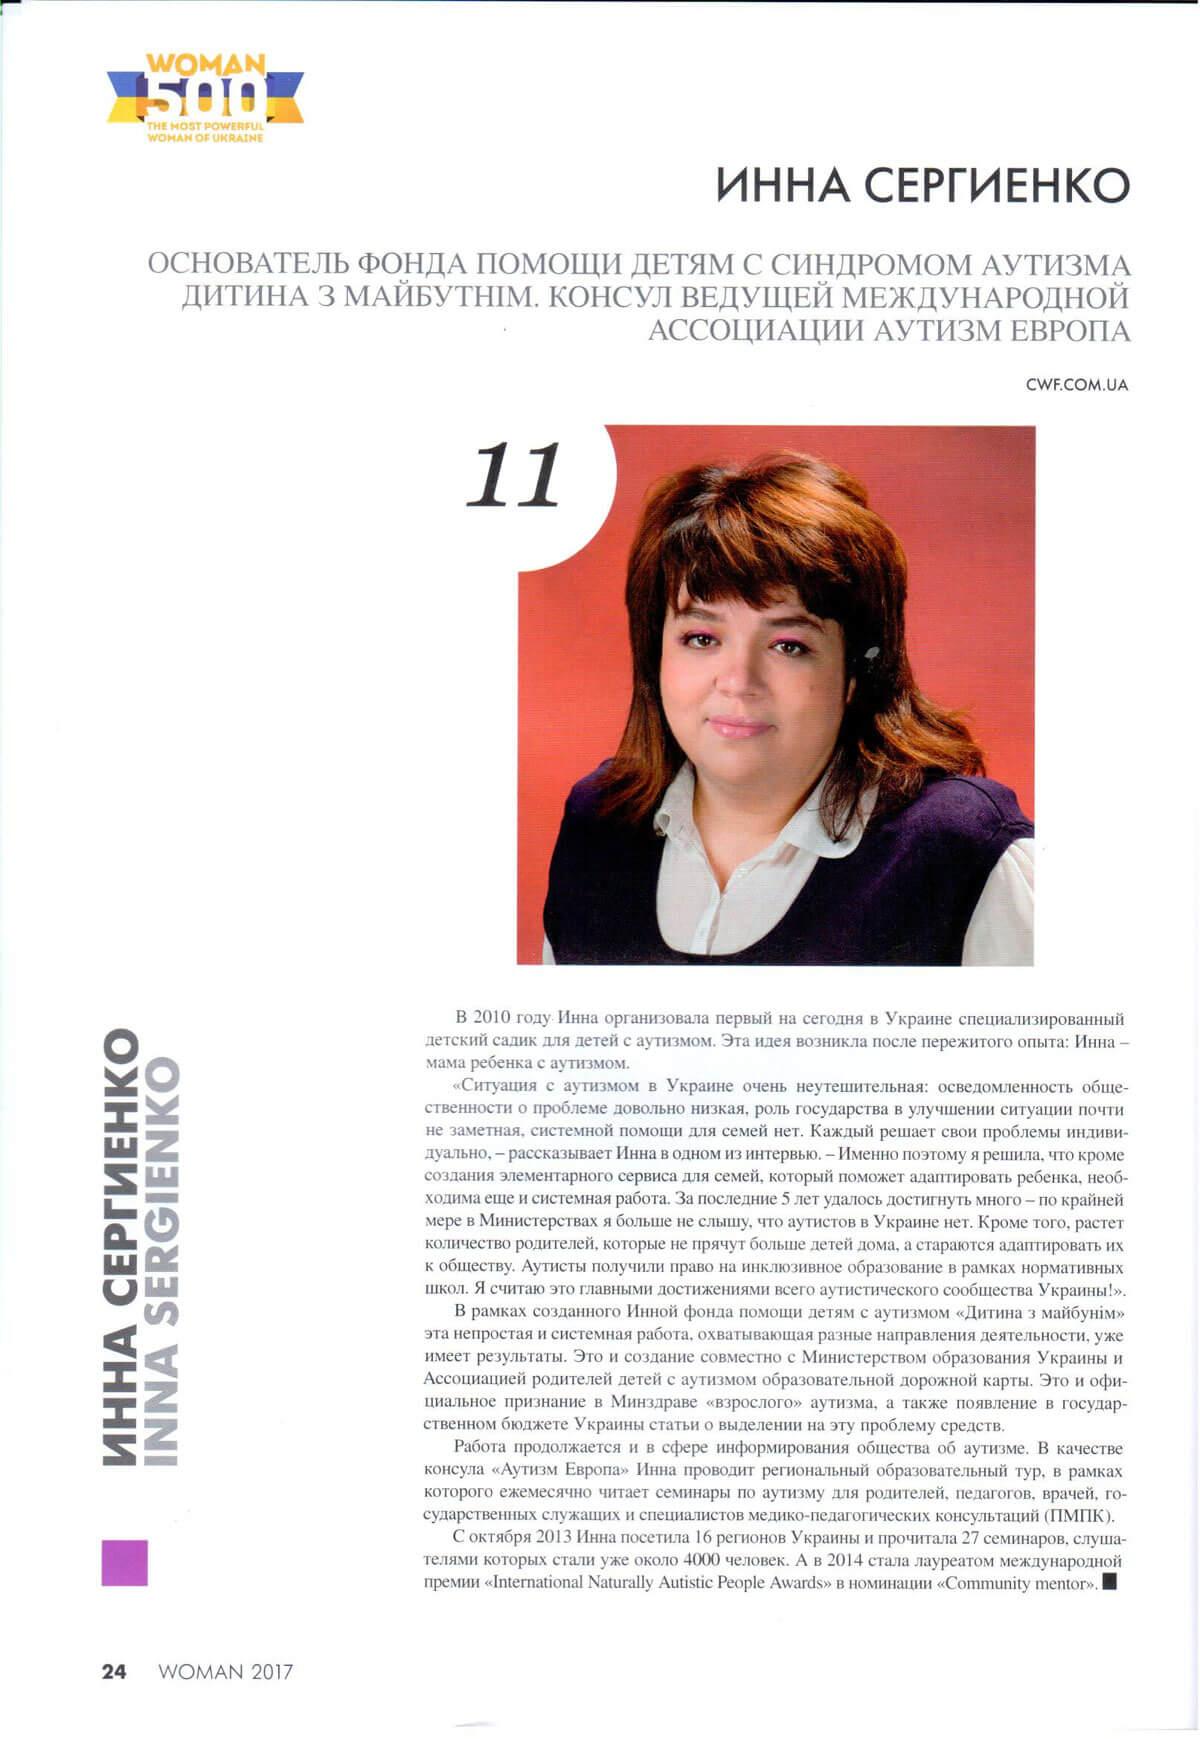 Инна Сергиенко вошла в рейтинг 500 самых влиятельных женщин Украины